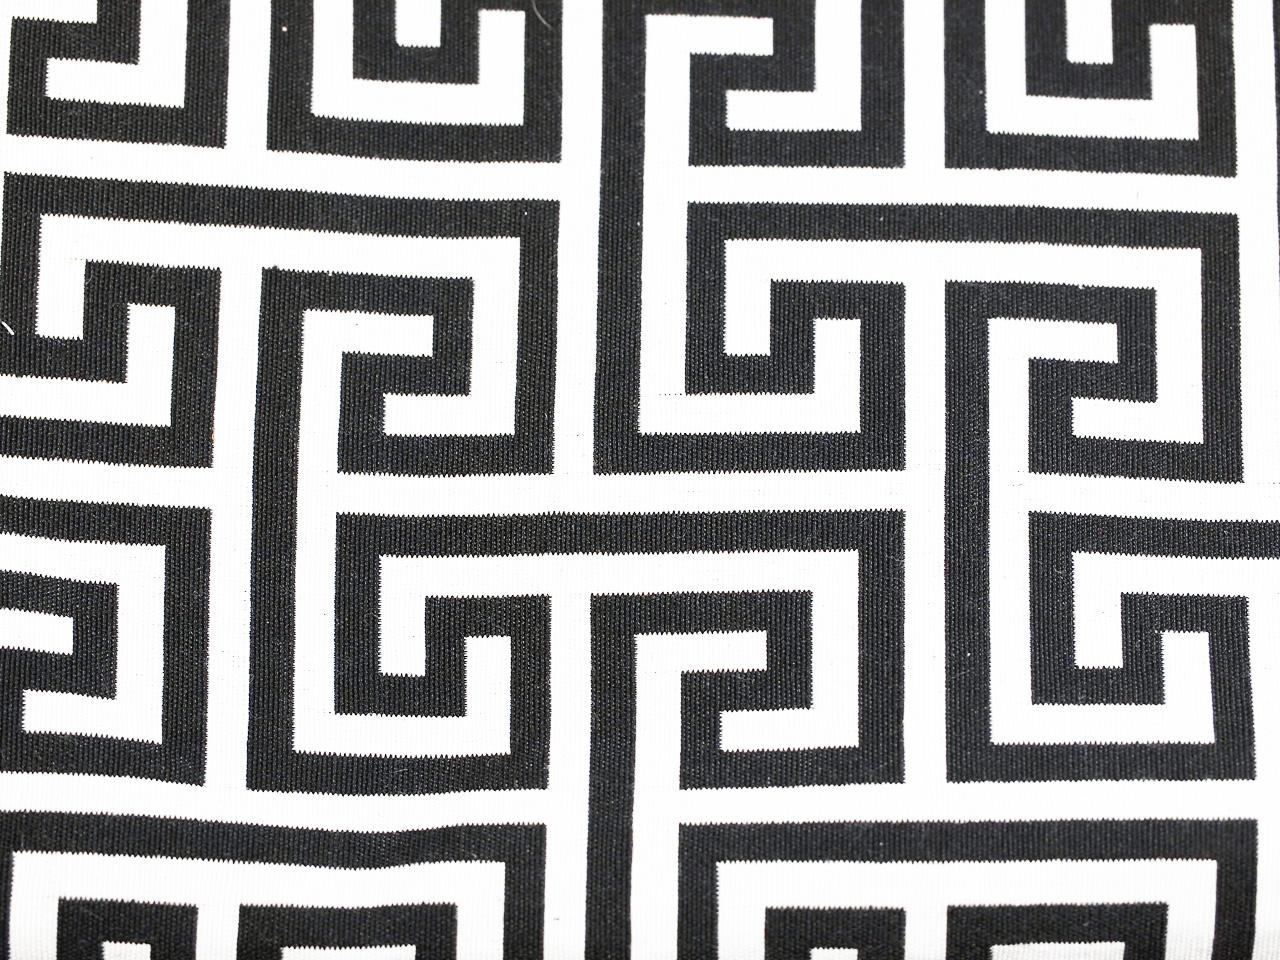 Labyrinth, schwarz auf weiß, Stoff Rückseite, Leckerlibeutel, Perlen vor die Hunde